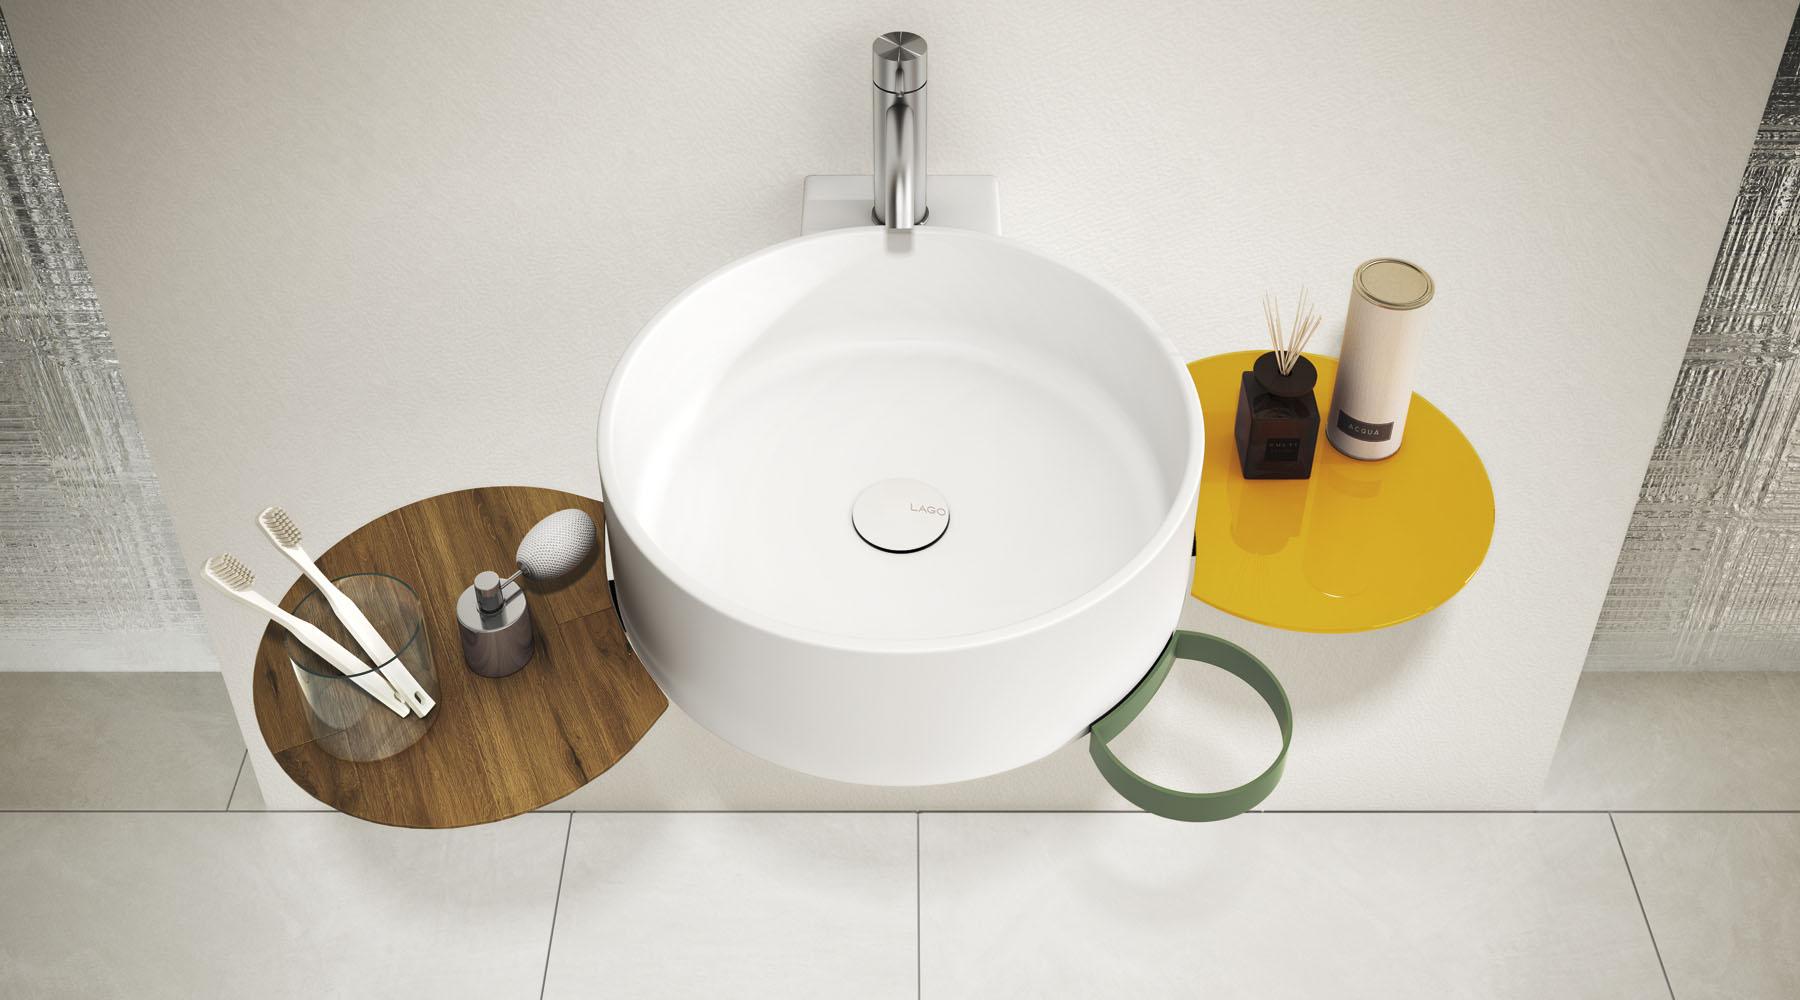 Delfanti arredamenti cellule - Lavabo bagno design ...